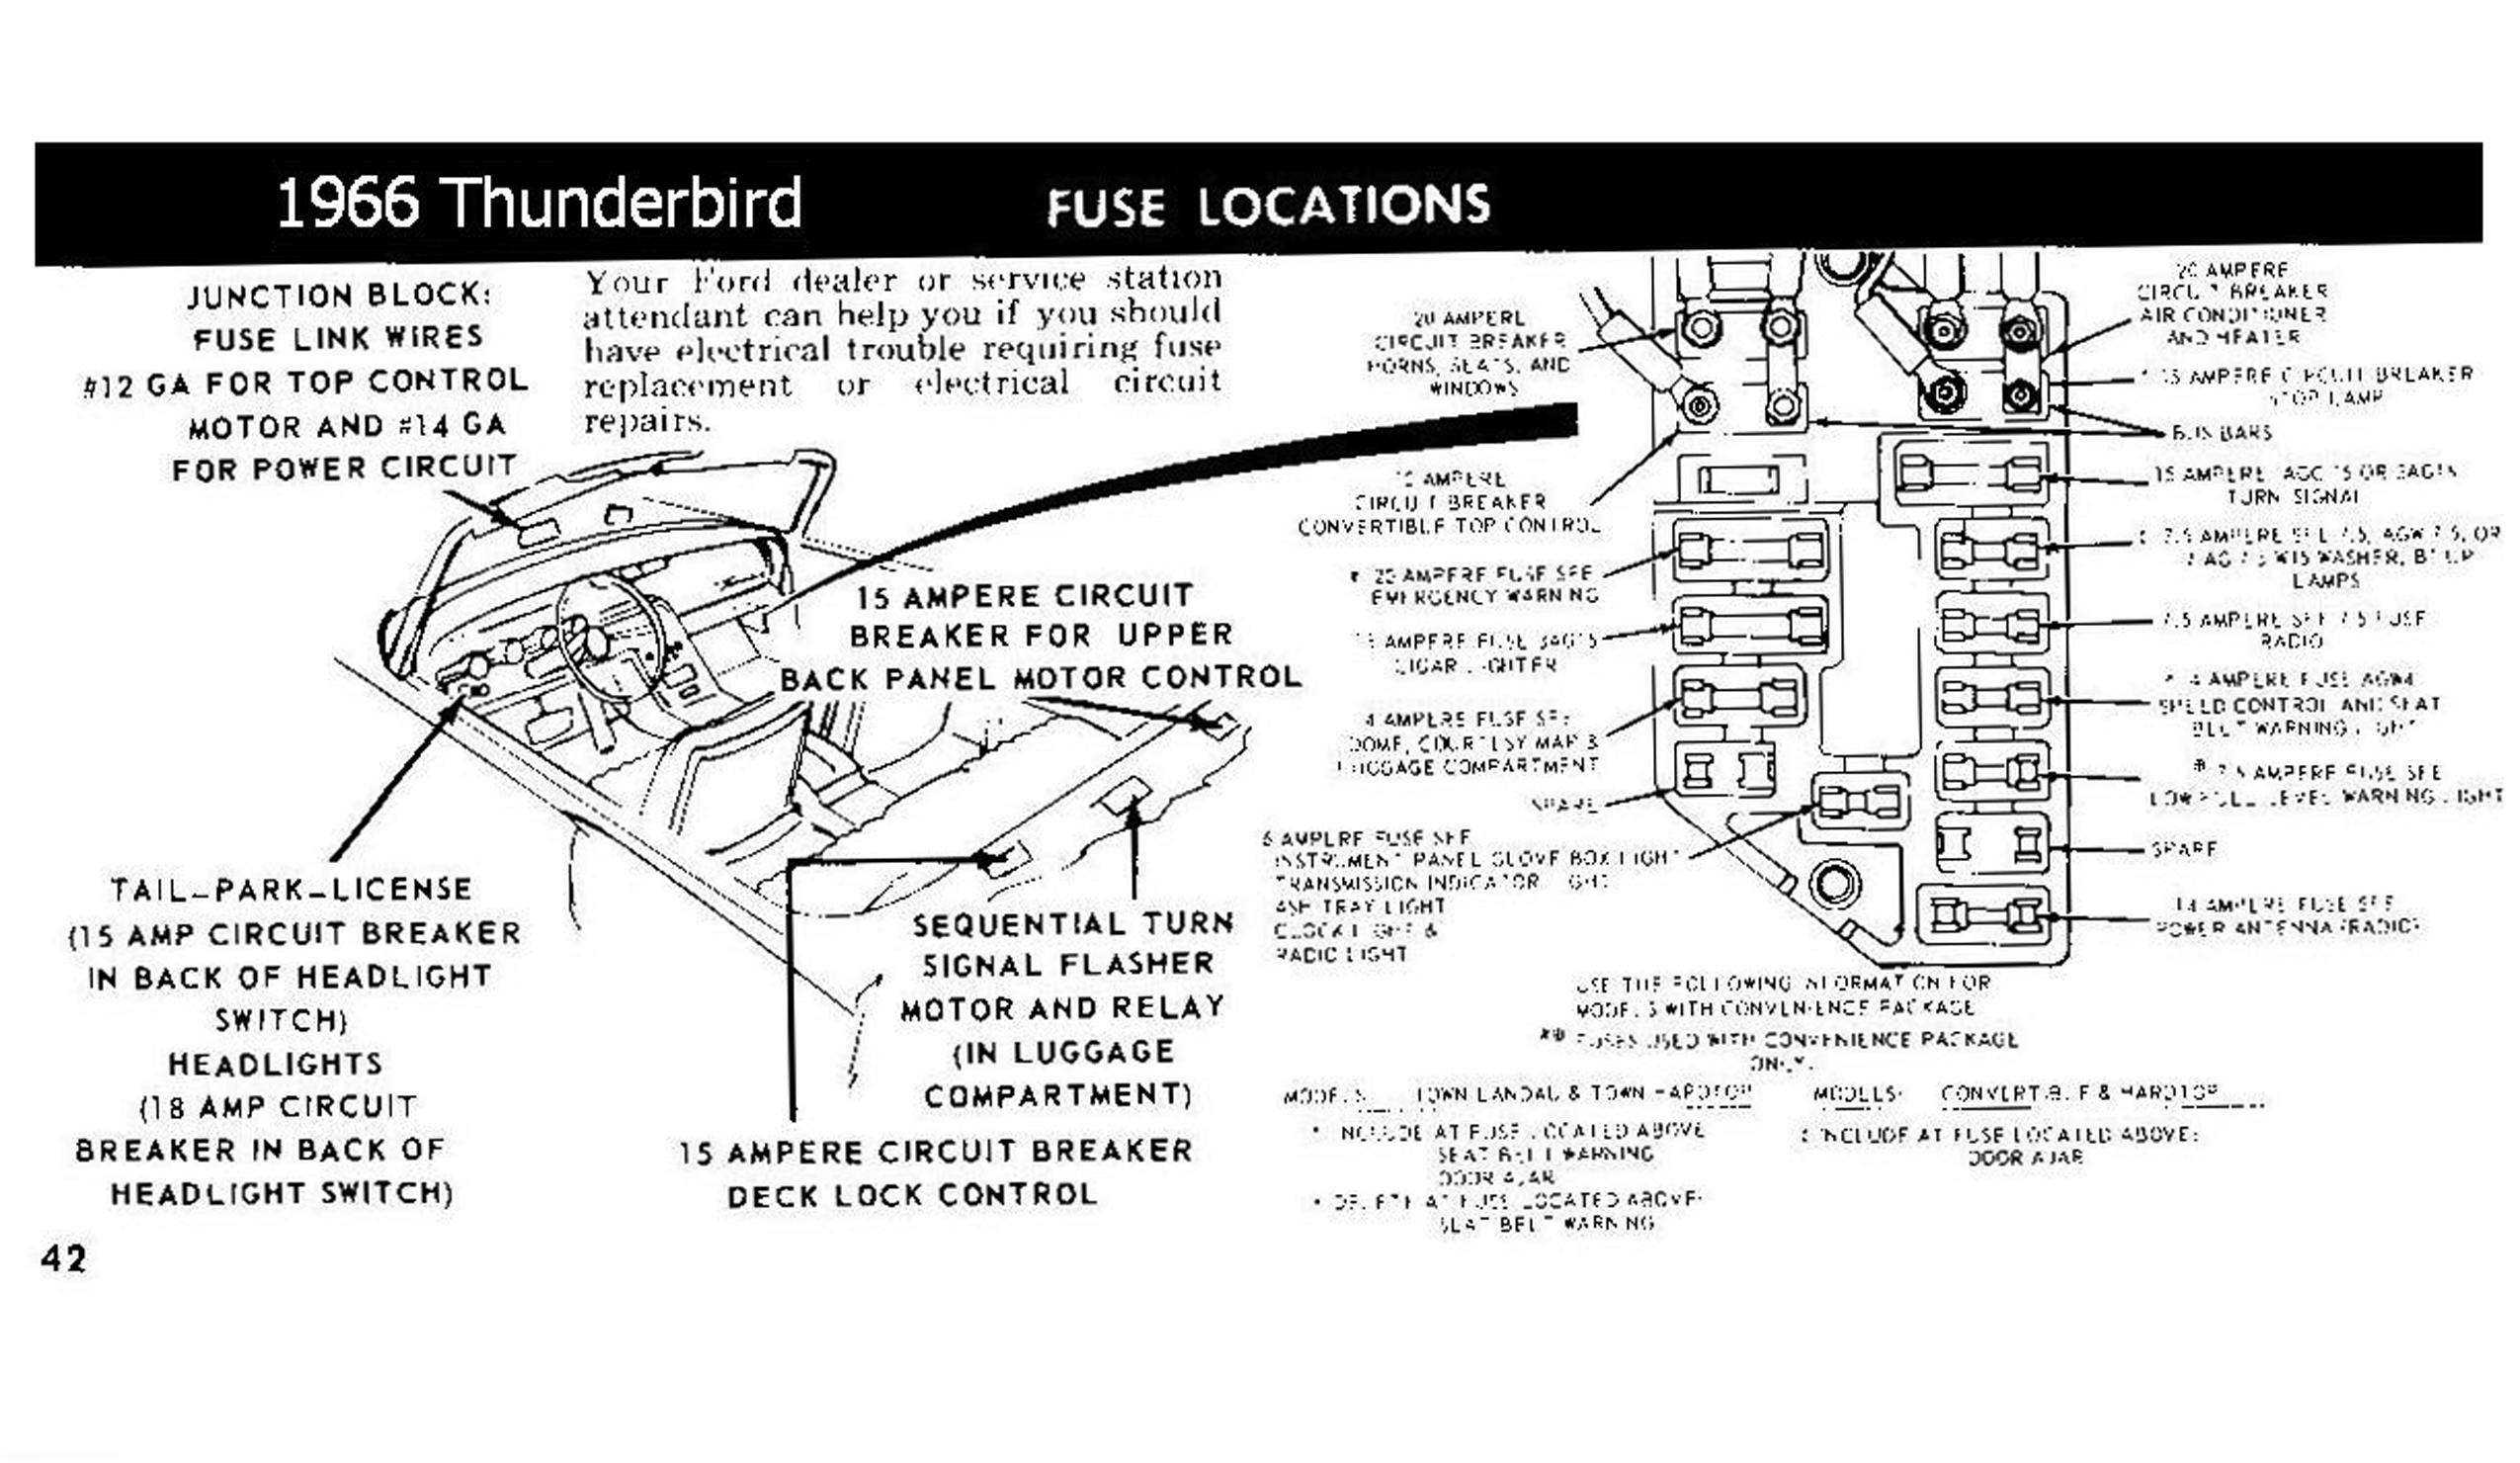 1966 thunderbird fuse box